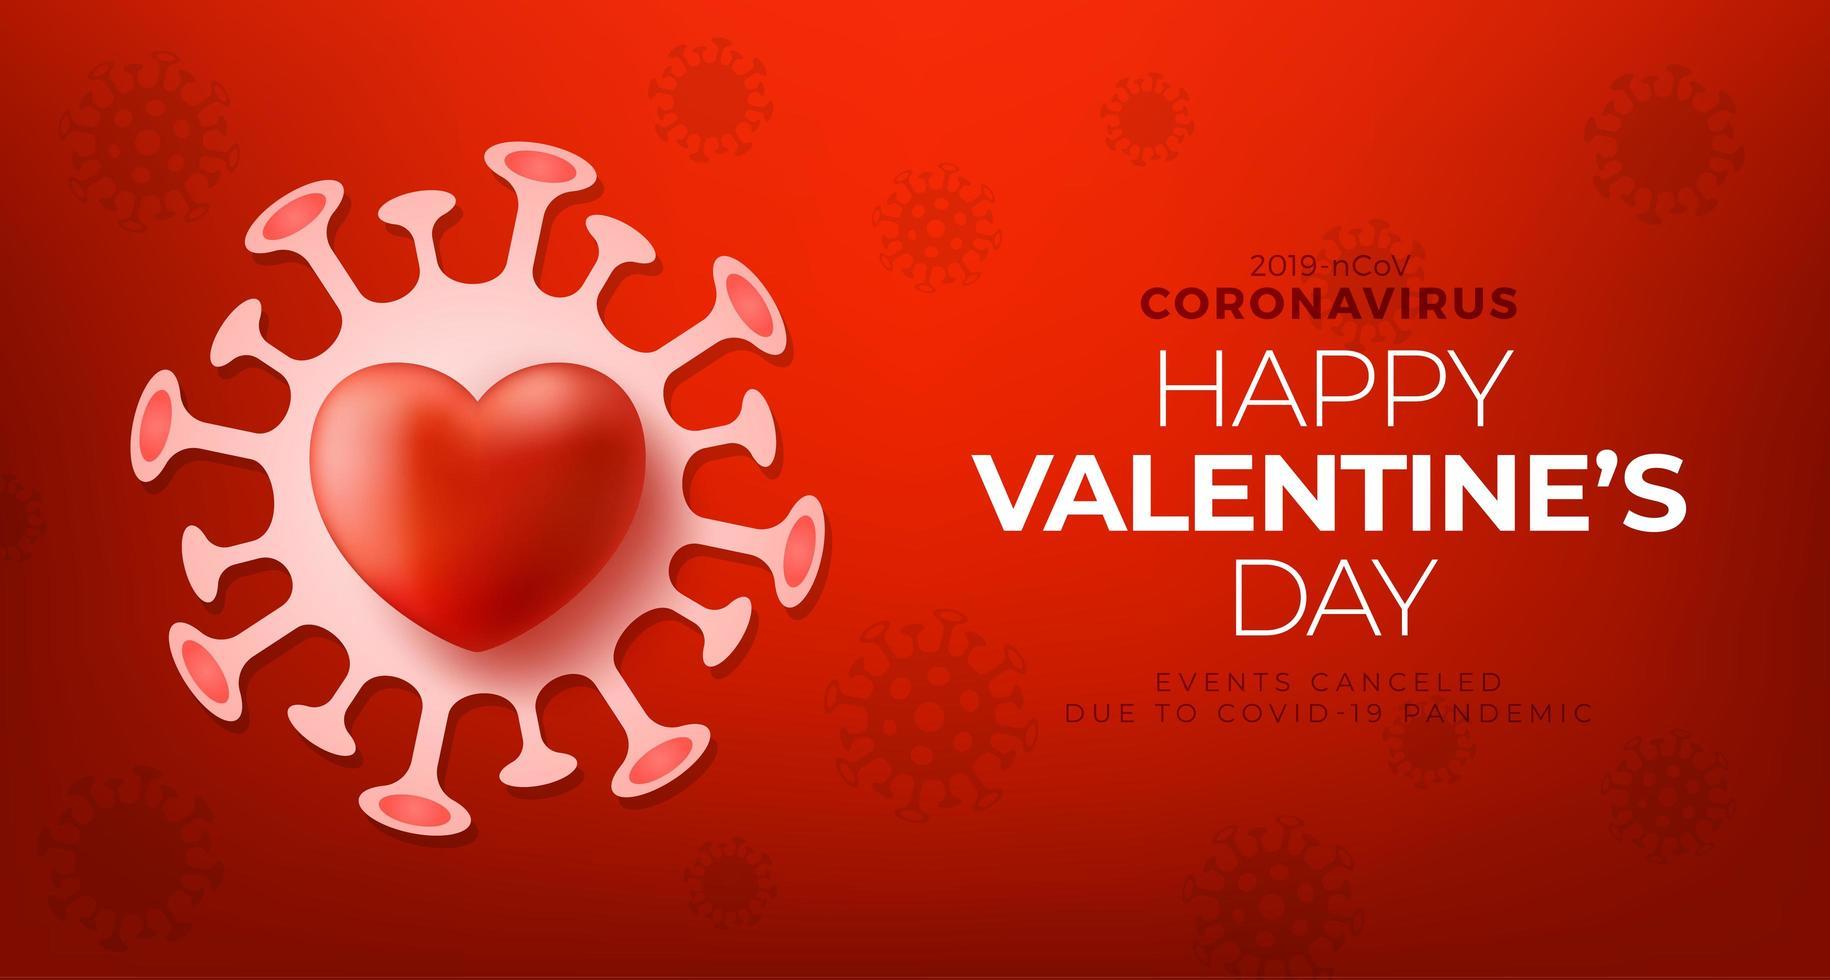 rotes Valentinstag Liebesherz und Quarantäne Biohazard Gefahr. Coronavirus Covid und Valentinstag annulliert Konzept. Vektorillustration vektor